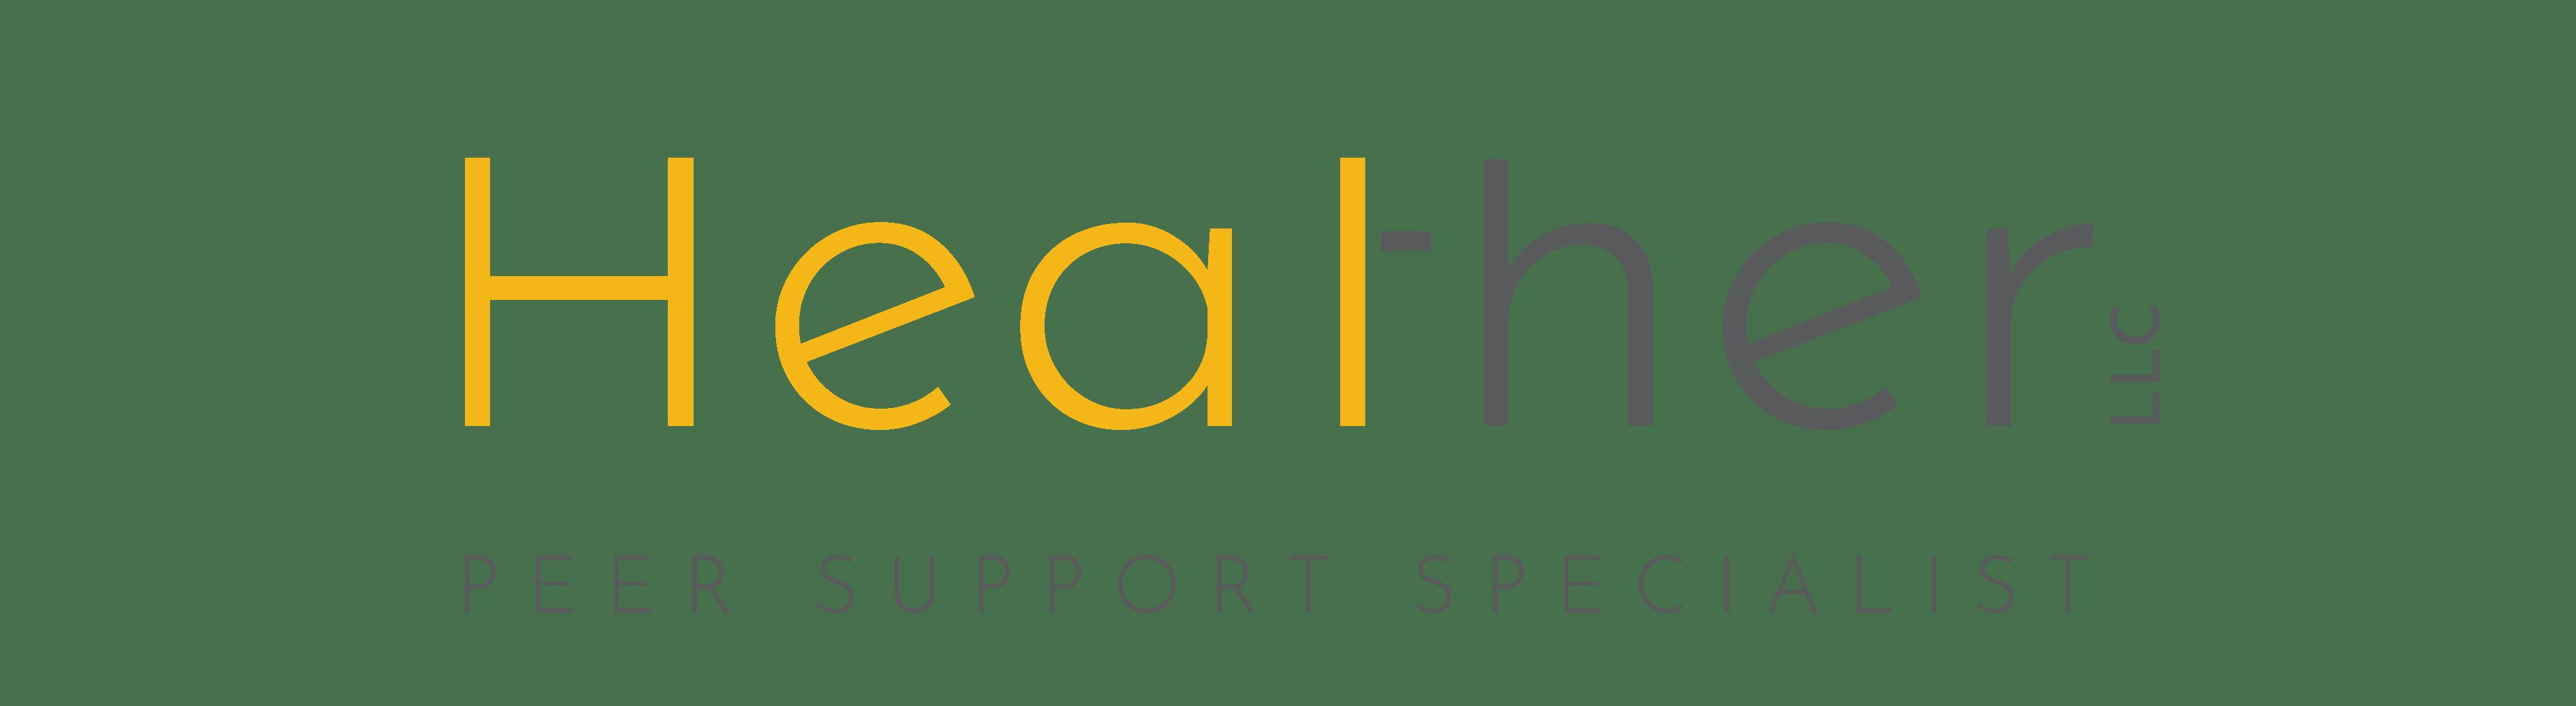 Heal Her Peer Support